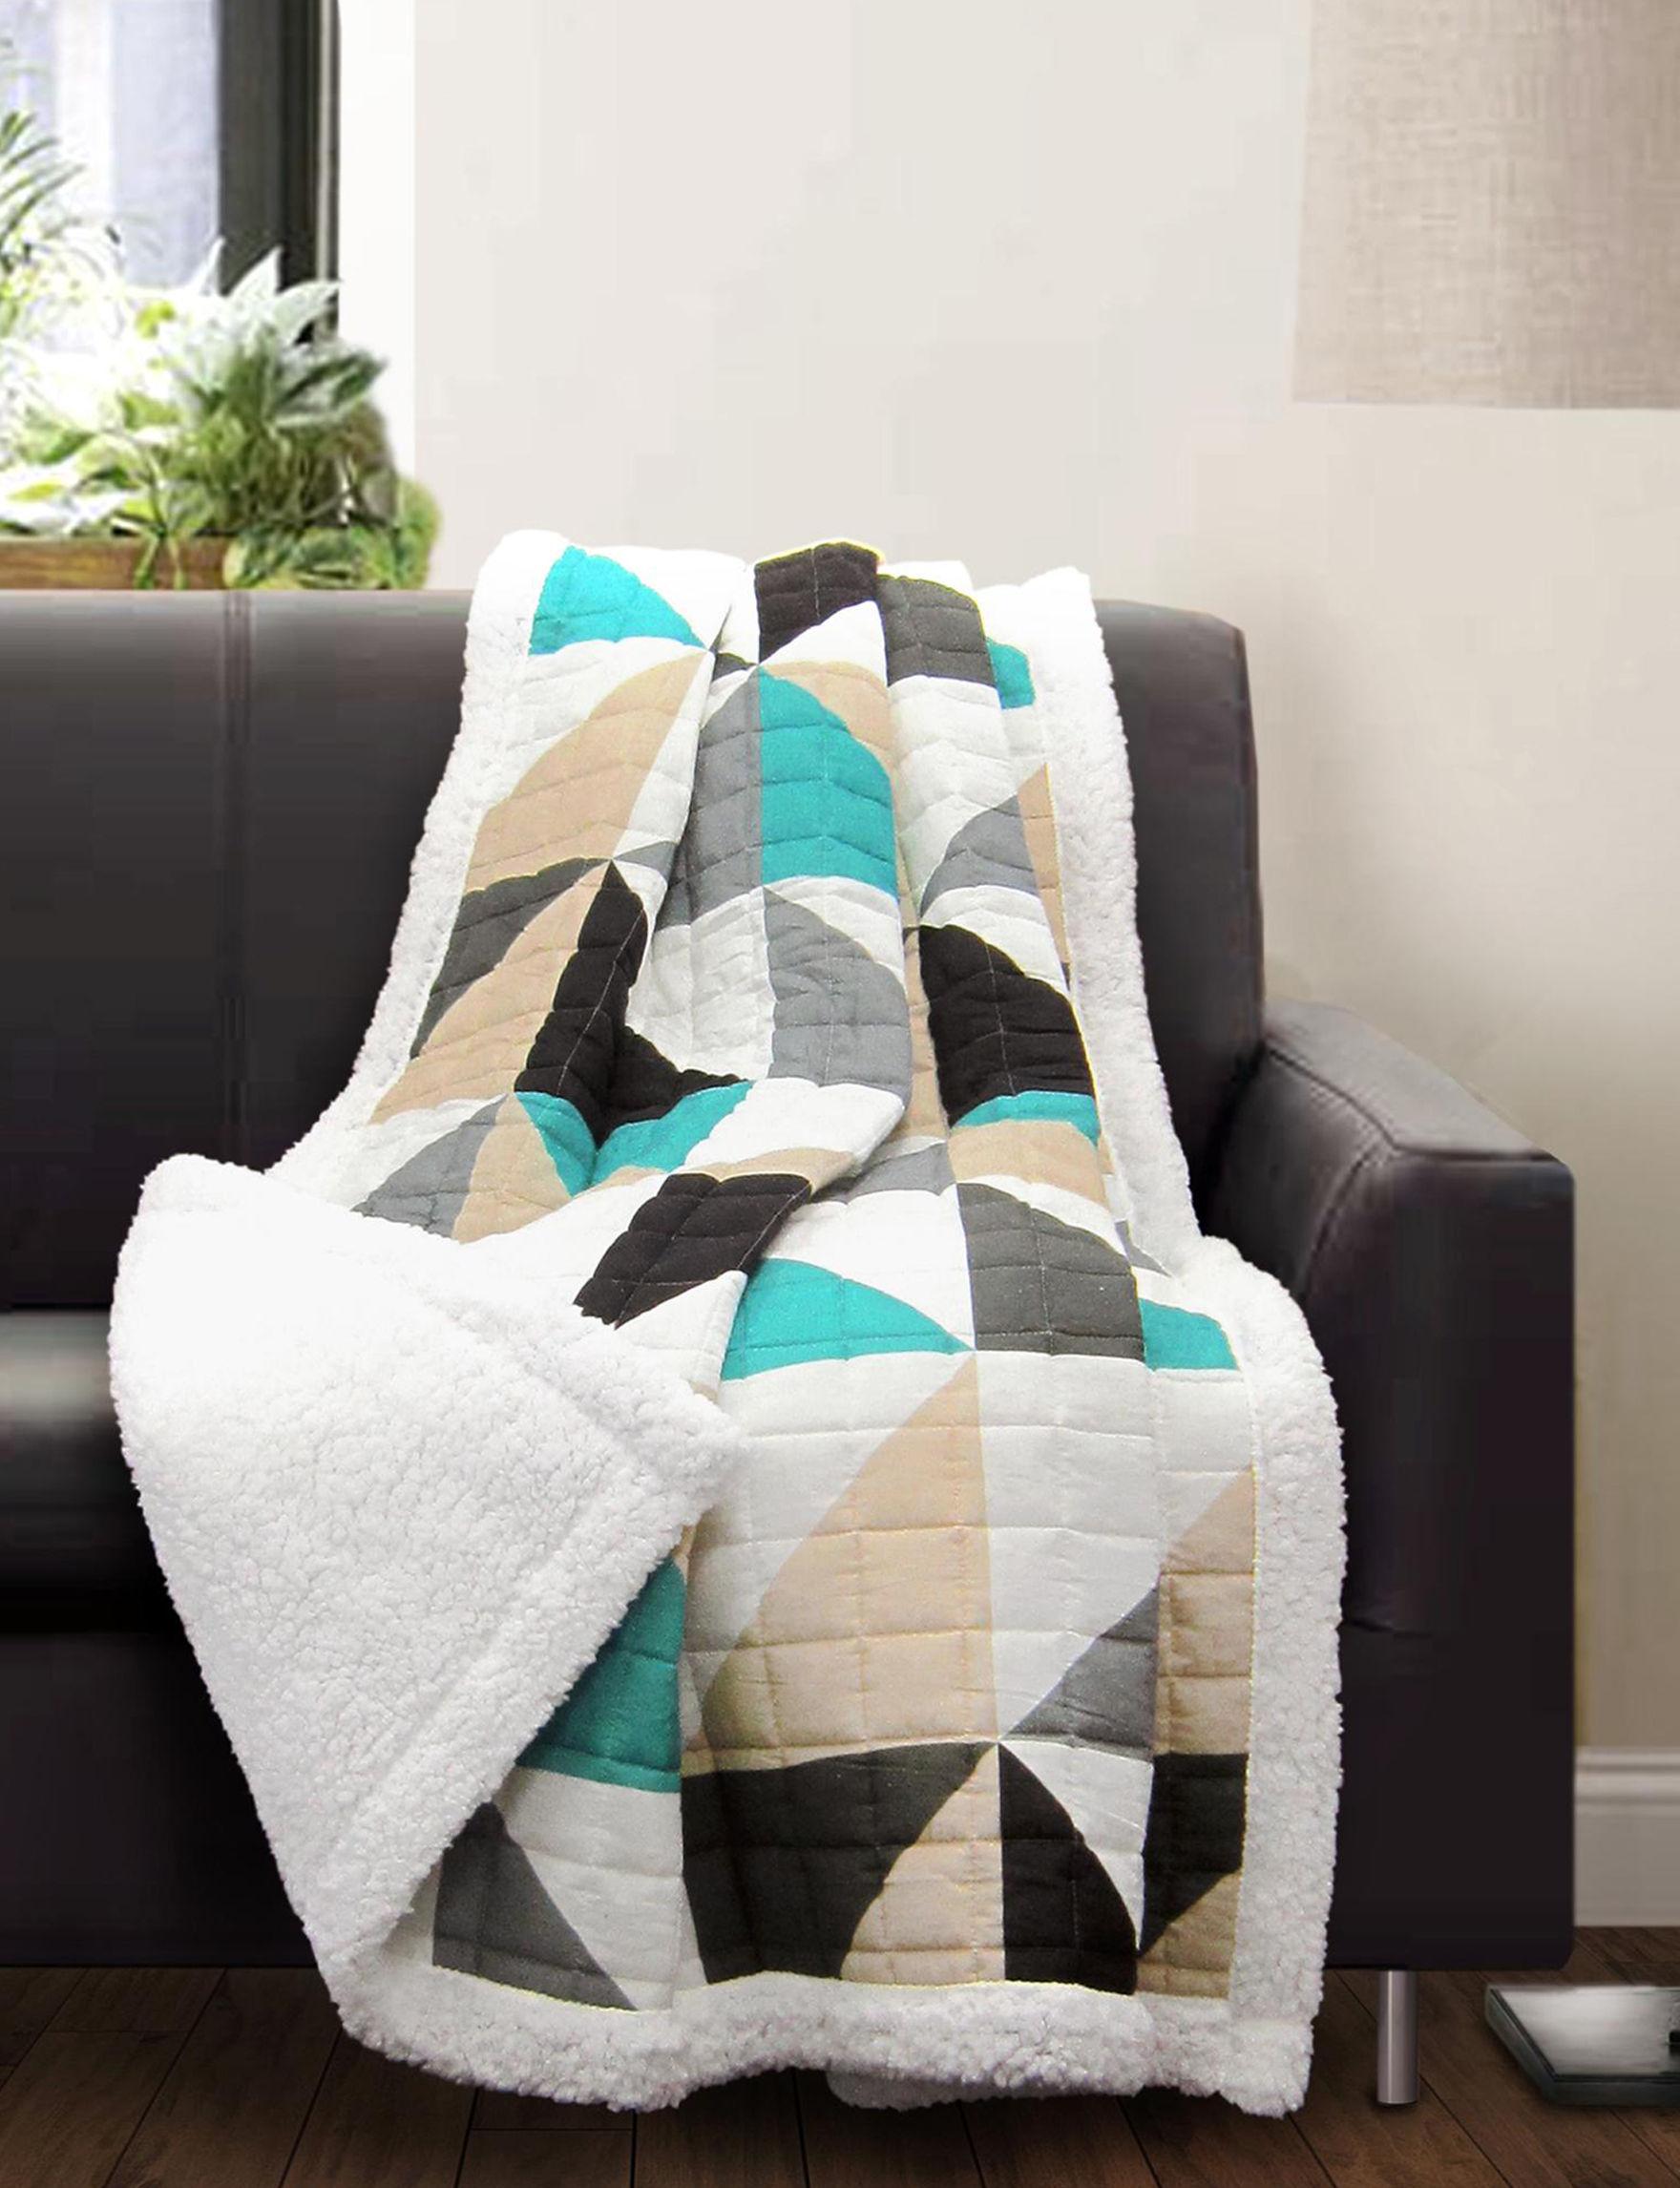 Lush Decor Turqouise Blankets & Throws